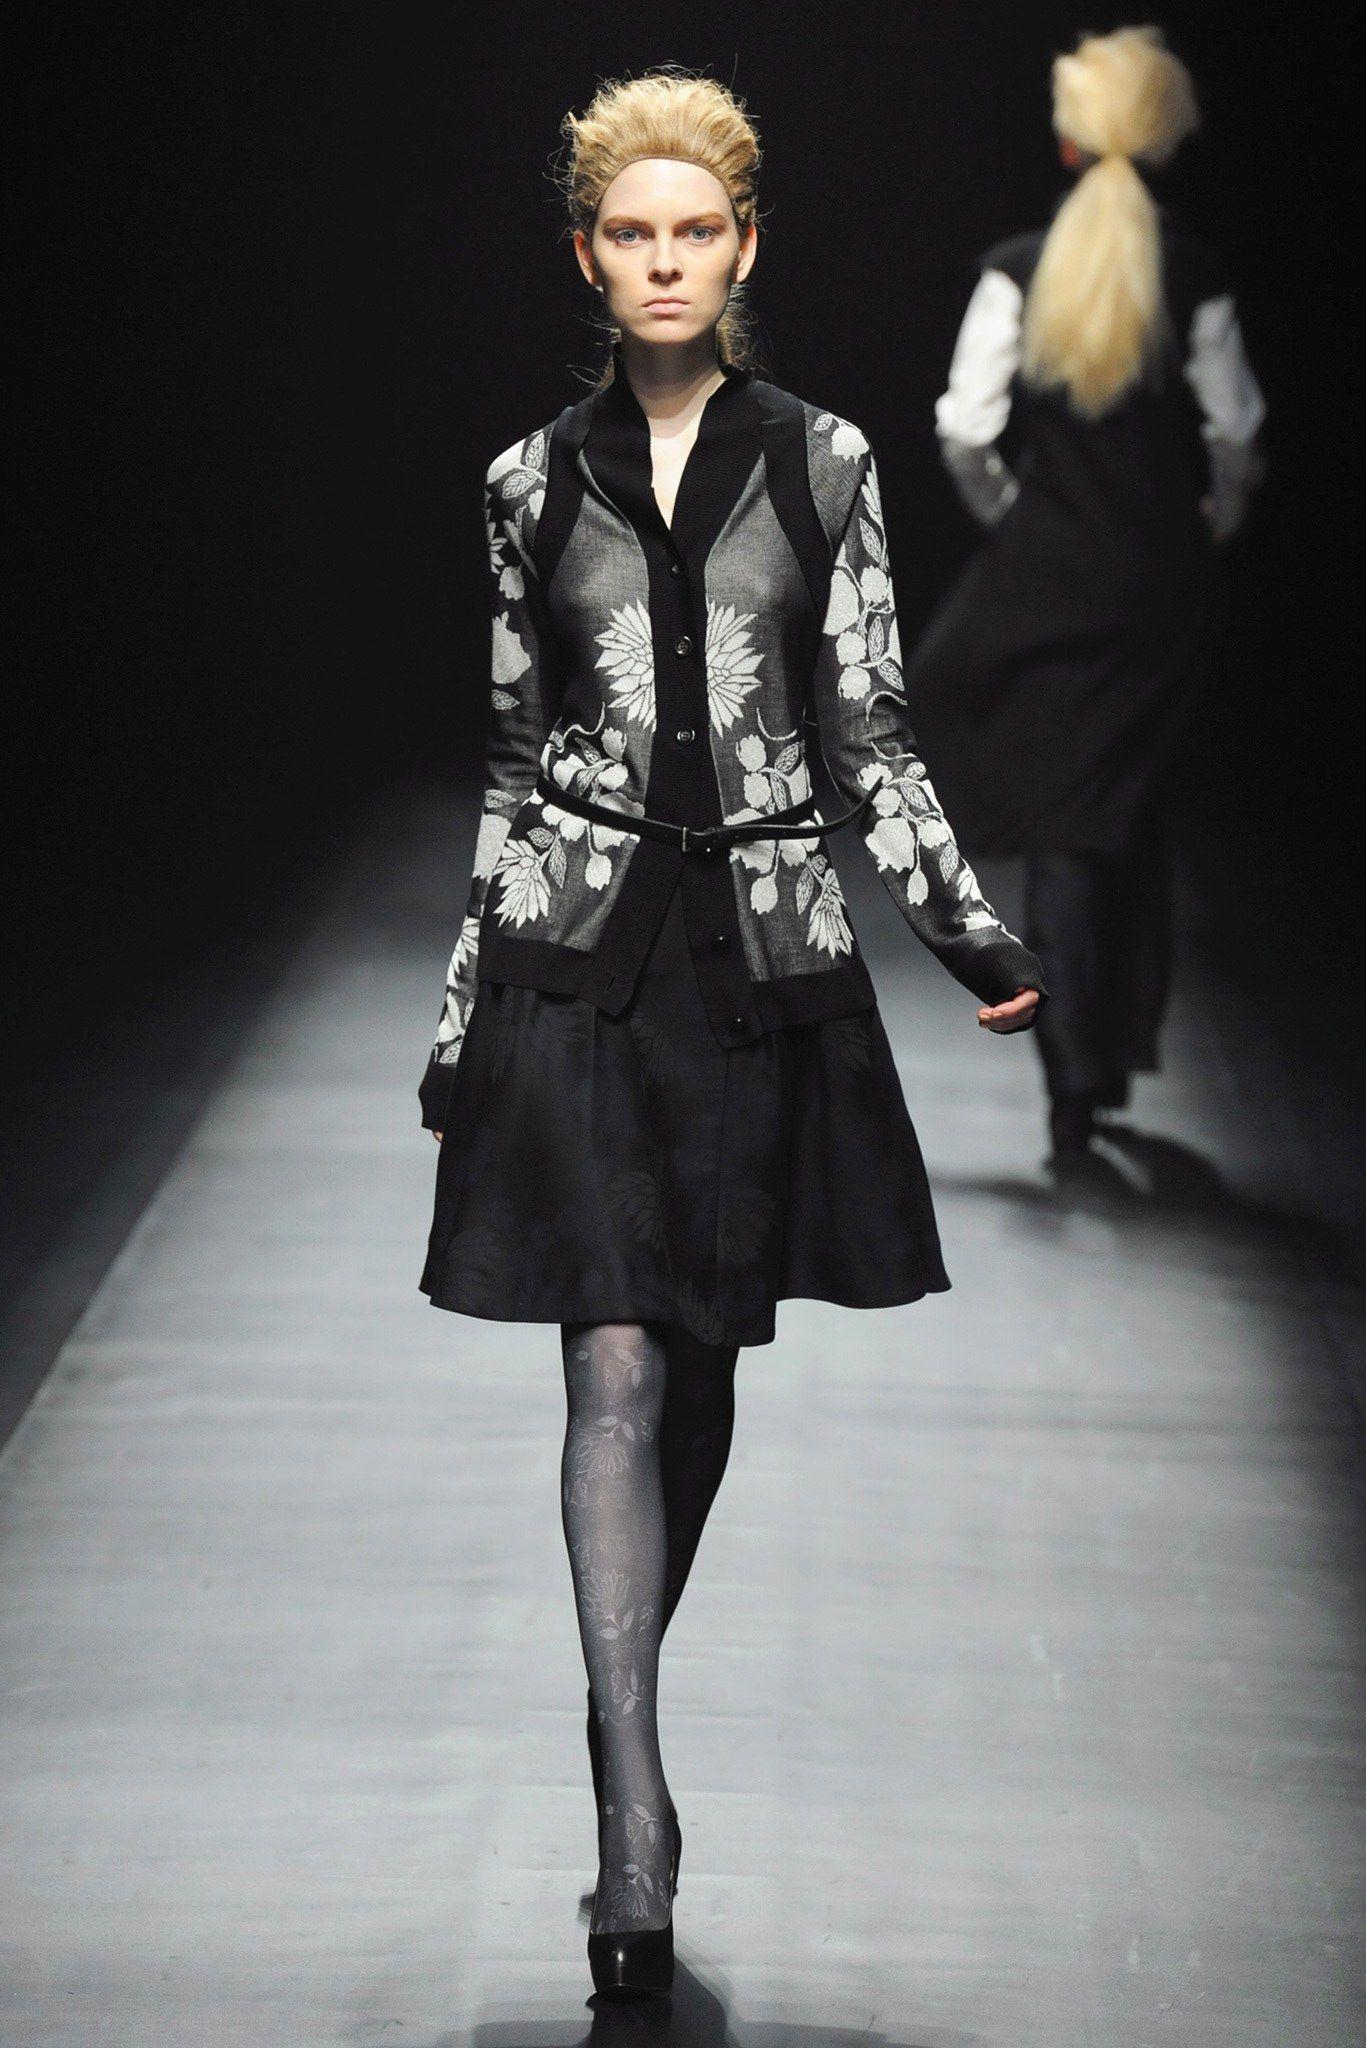 Yasutoshi Ezumi Fall 2013 Ready-to-Wear Fashion Show